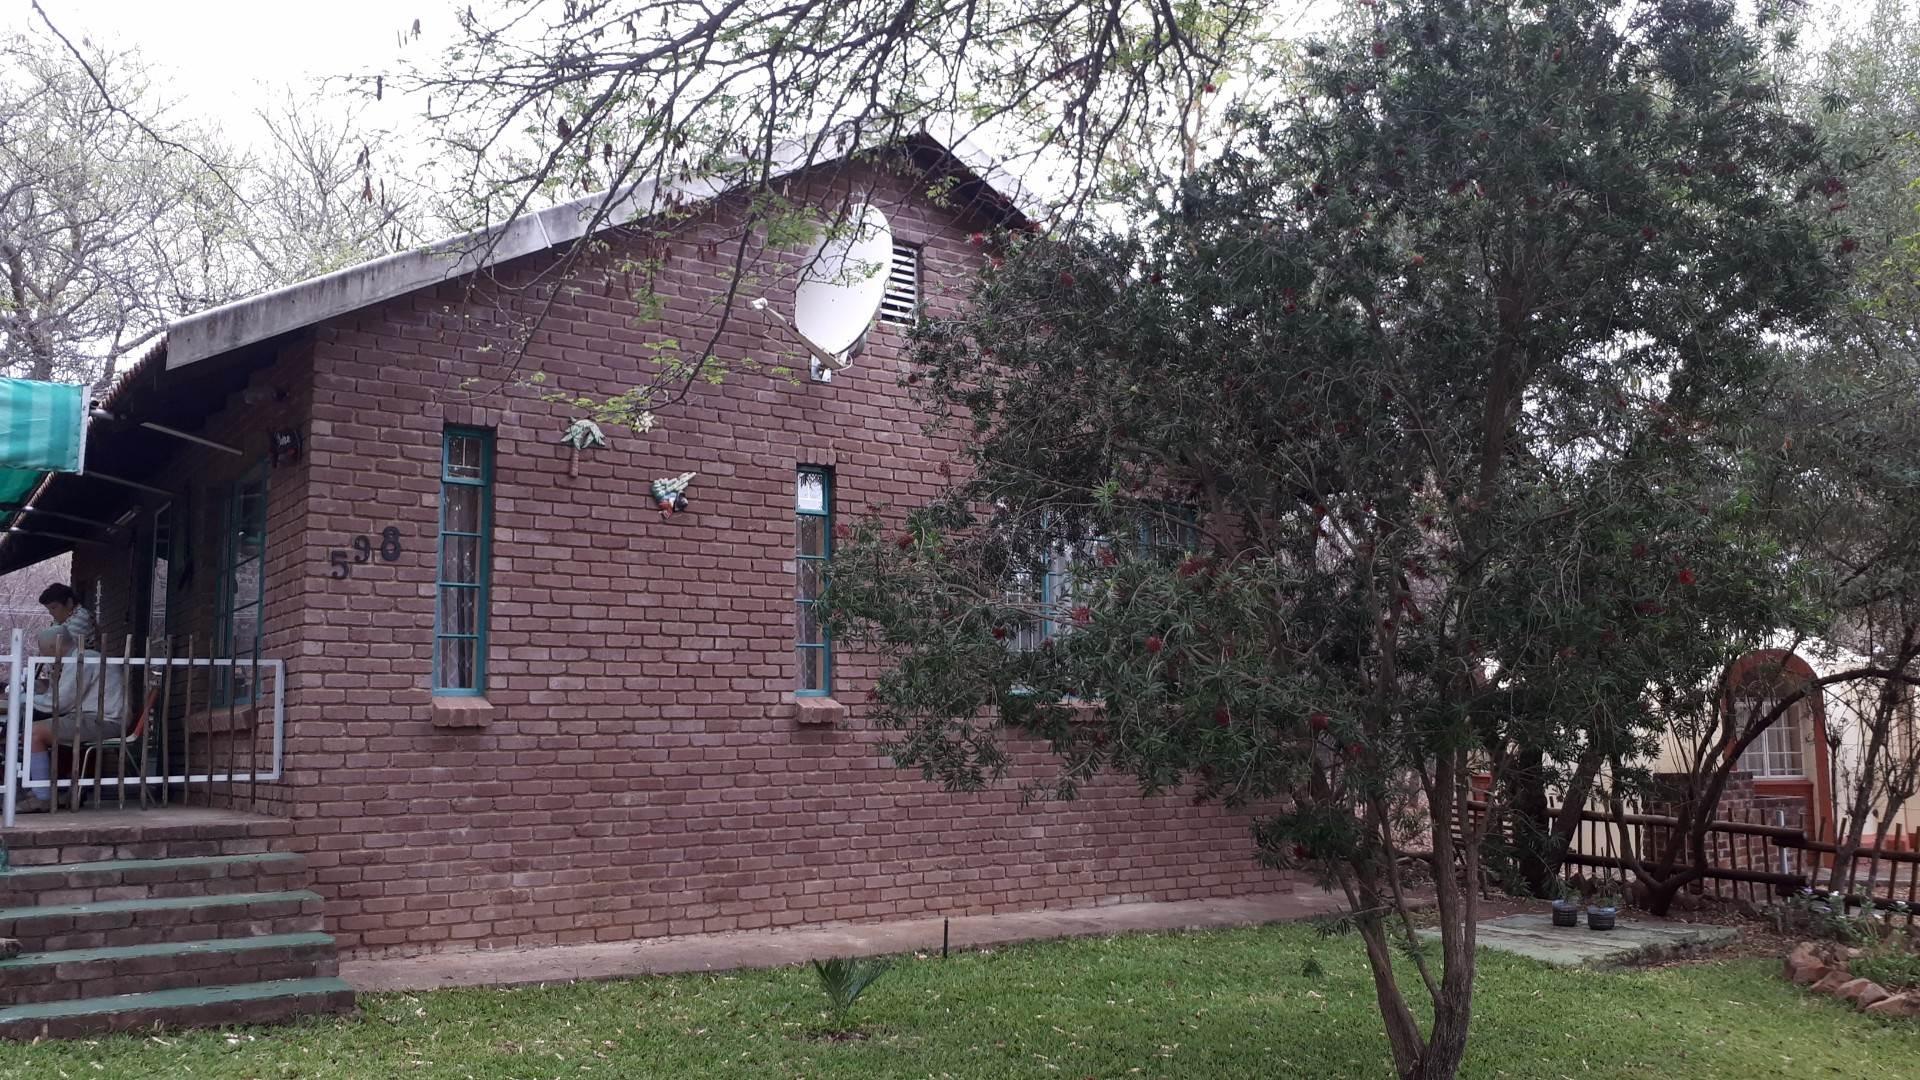 2 BedroomHouse For Sale In Leeupoort